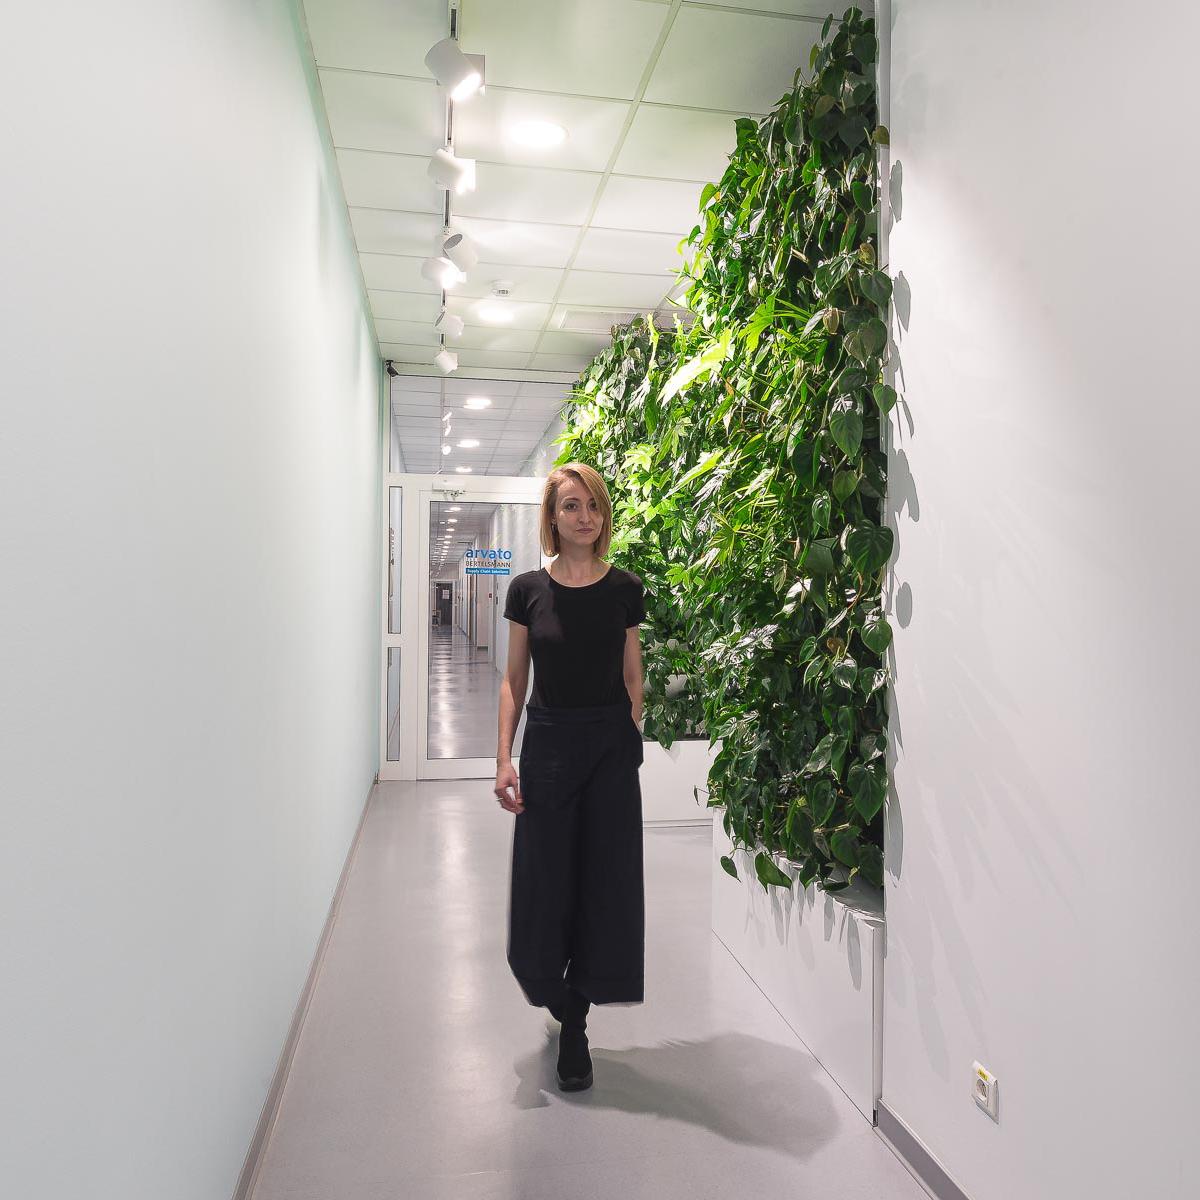 Ogrody Wertykalne w Arvato Bertelsmann pod Poznaniem